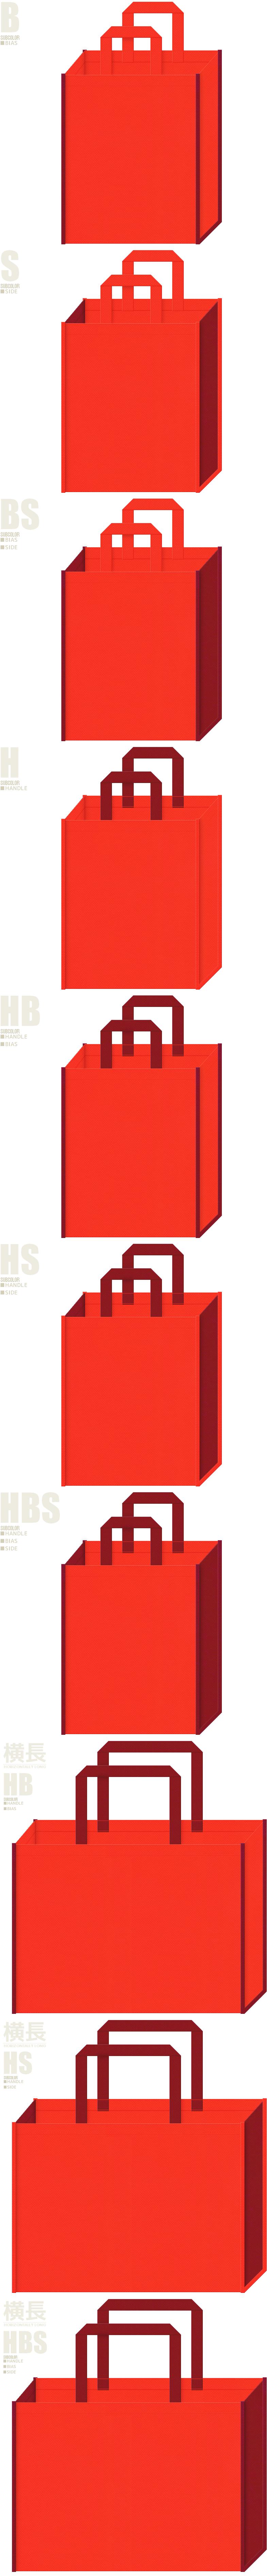 オレンジ色とエンジ色-7パターンの不織布トートバッグ配色デザイン例。アウトドア・スポーツイベントのバッグノベルティにお奨めです。